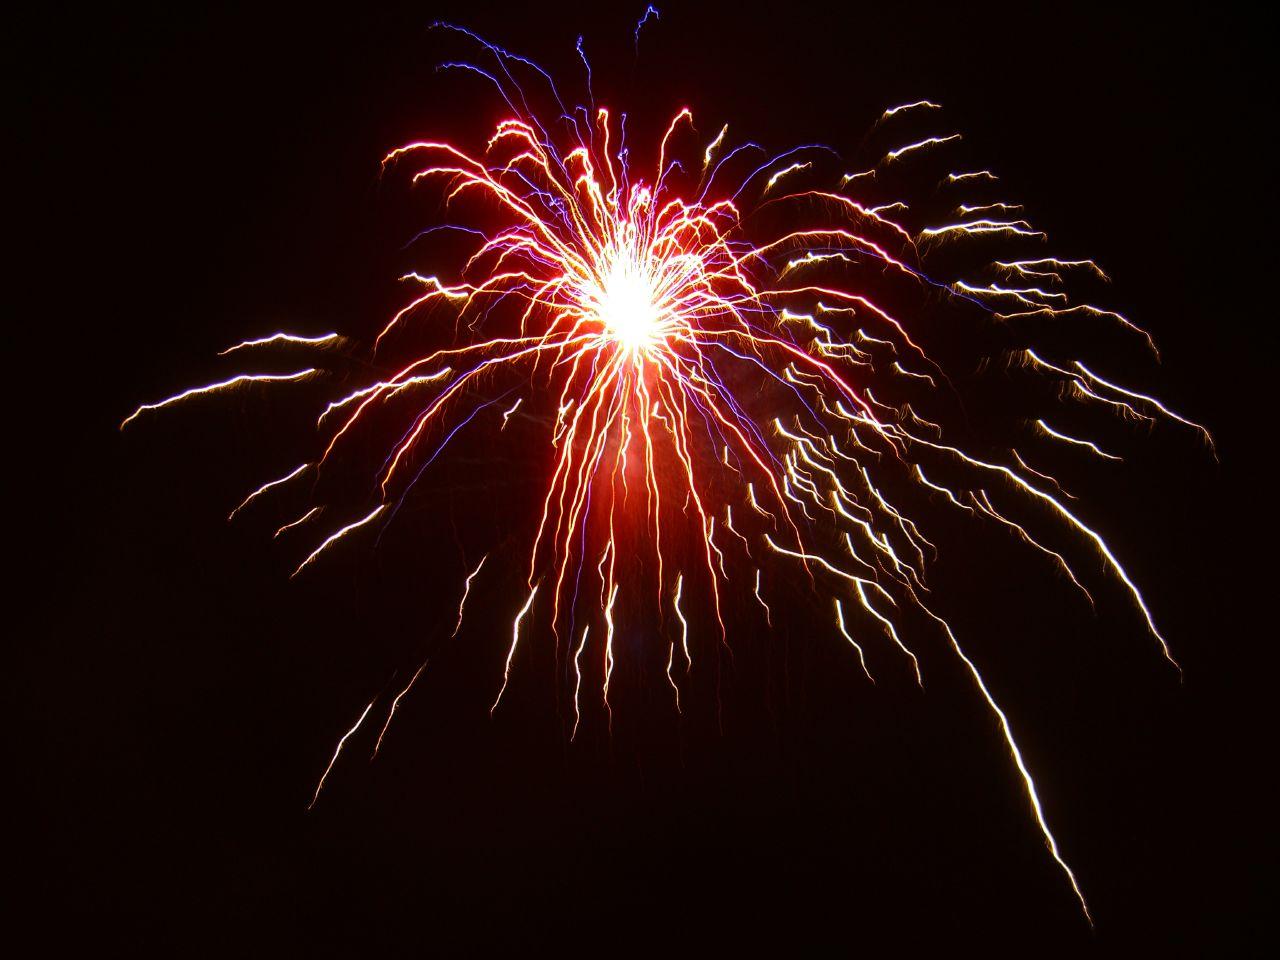 fireworks taken in hawaii 2006